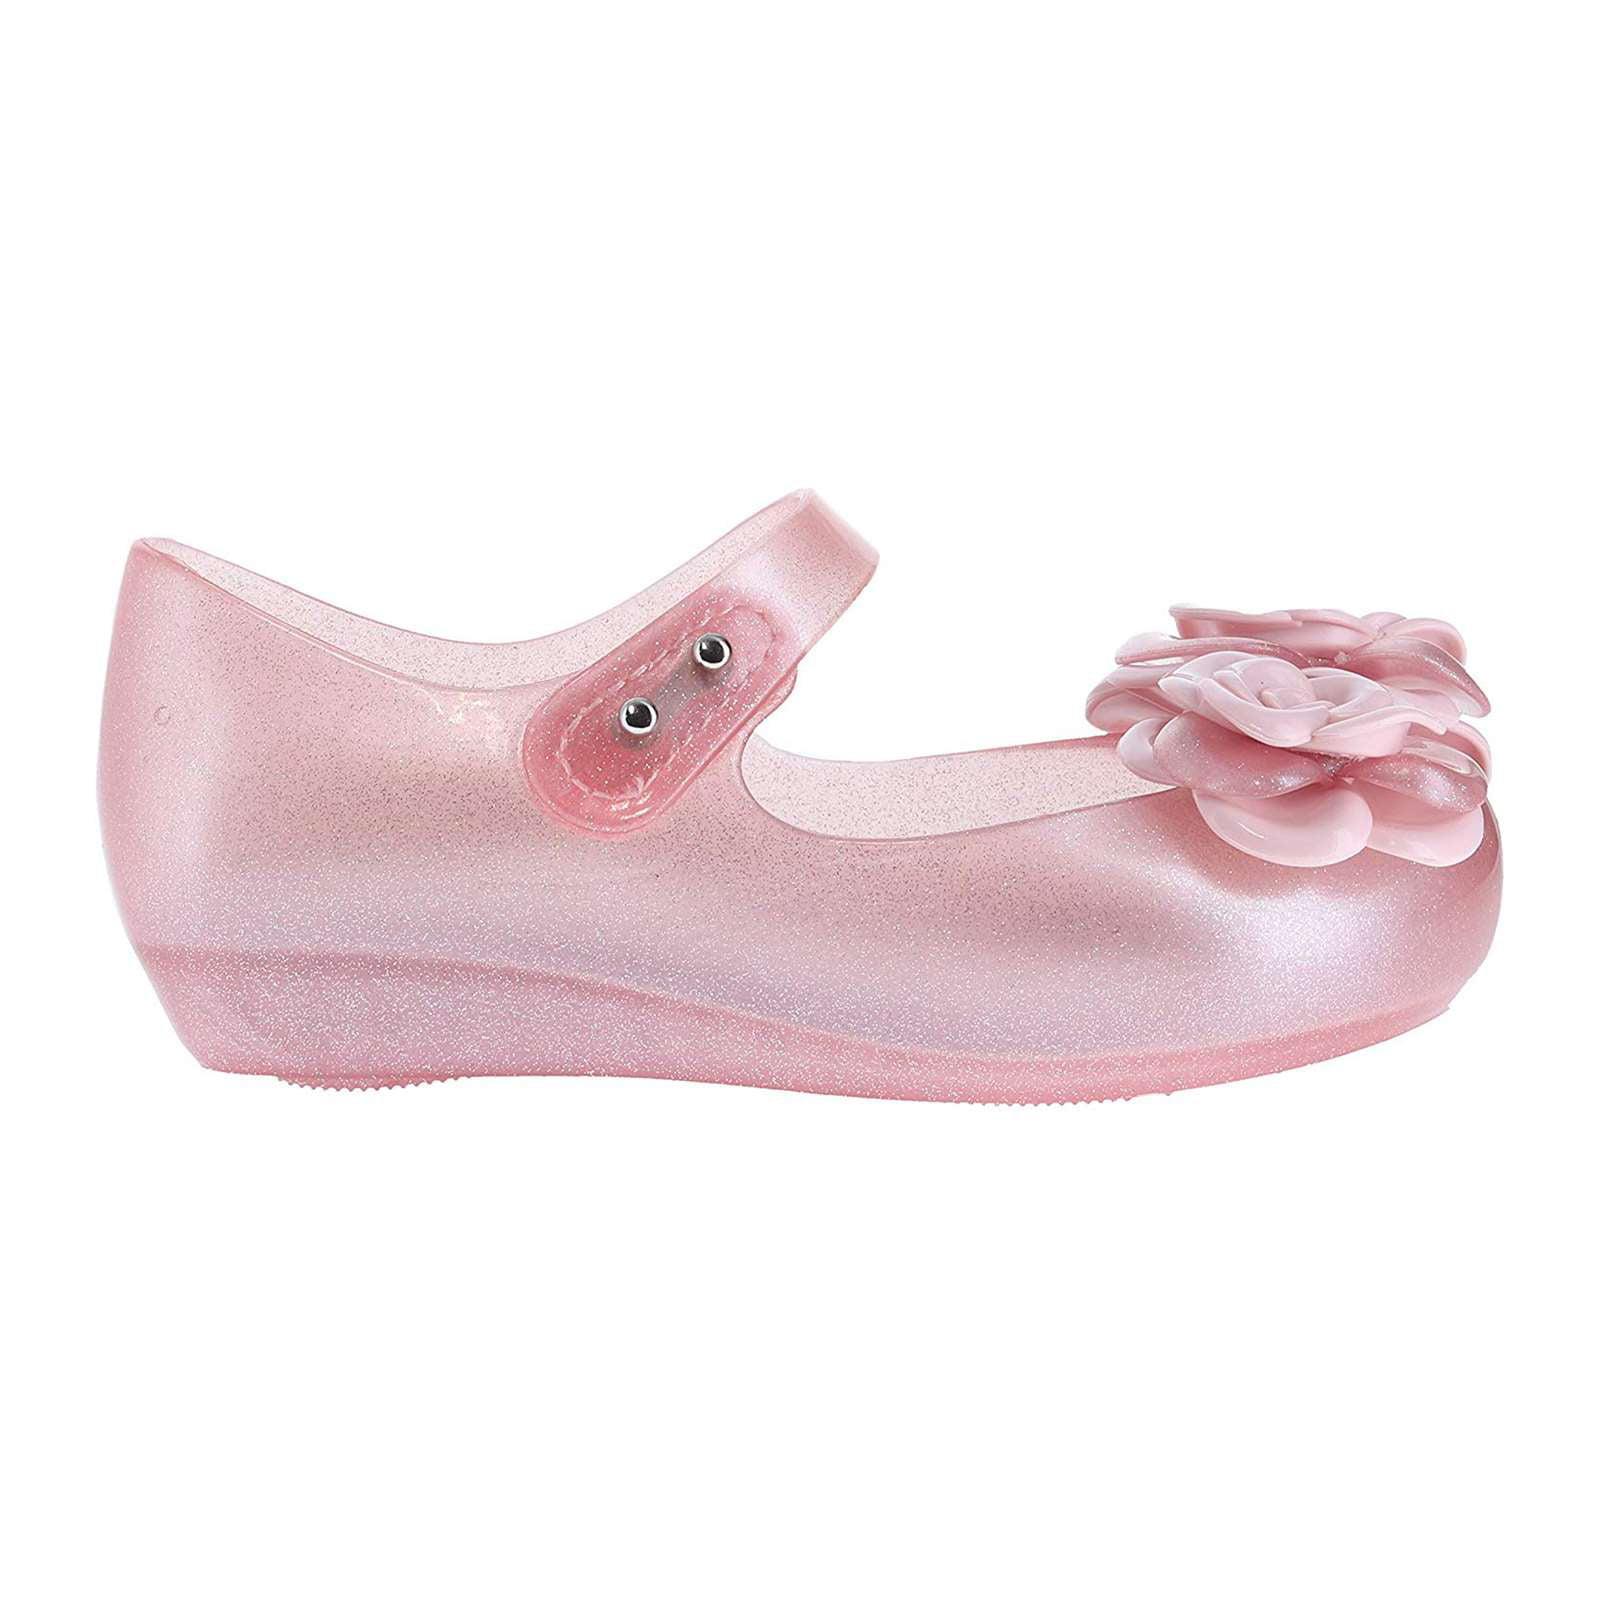 BALLET K Mini Melissa Mary Jane Ballet Toddler